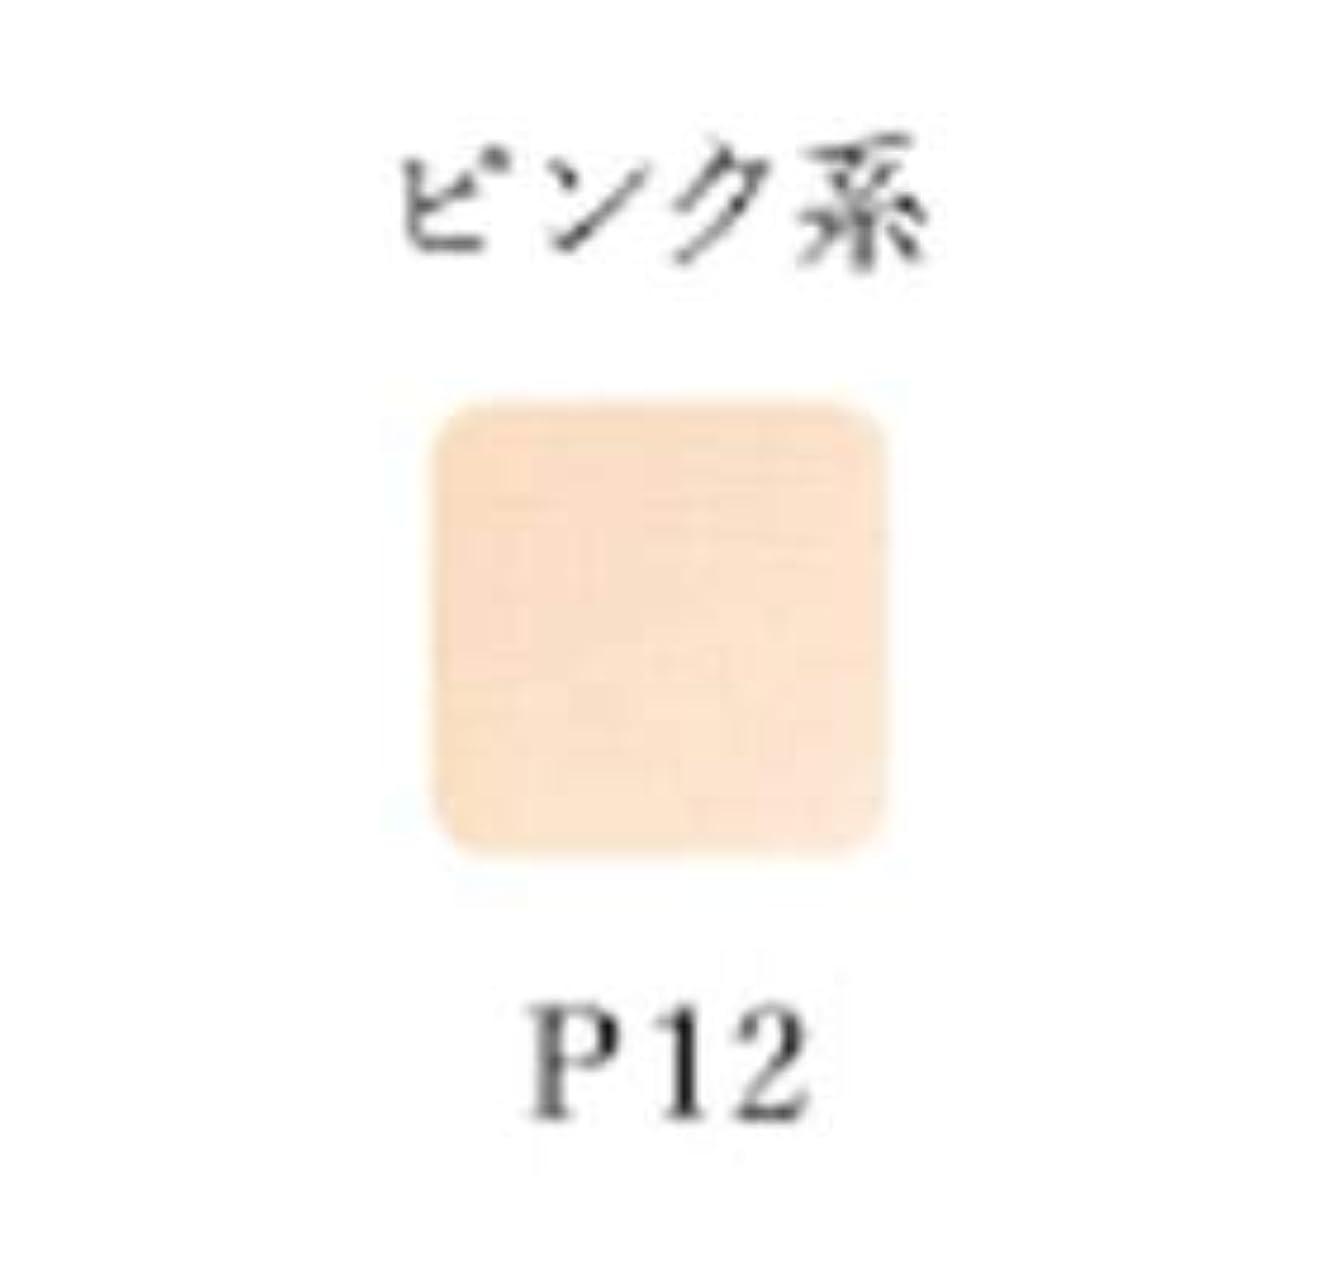 相対的強調するキウイオリリー パウダリーフィニッシュUV (2ウェイ) リフィル P12<14g>